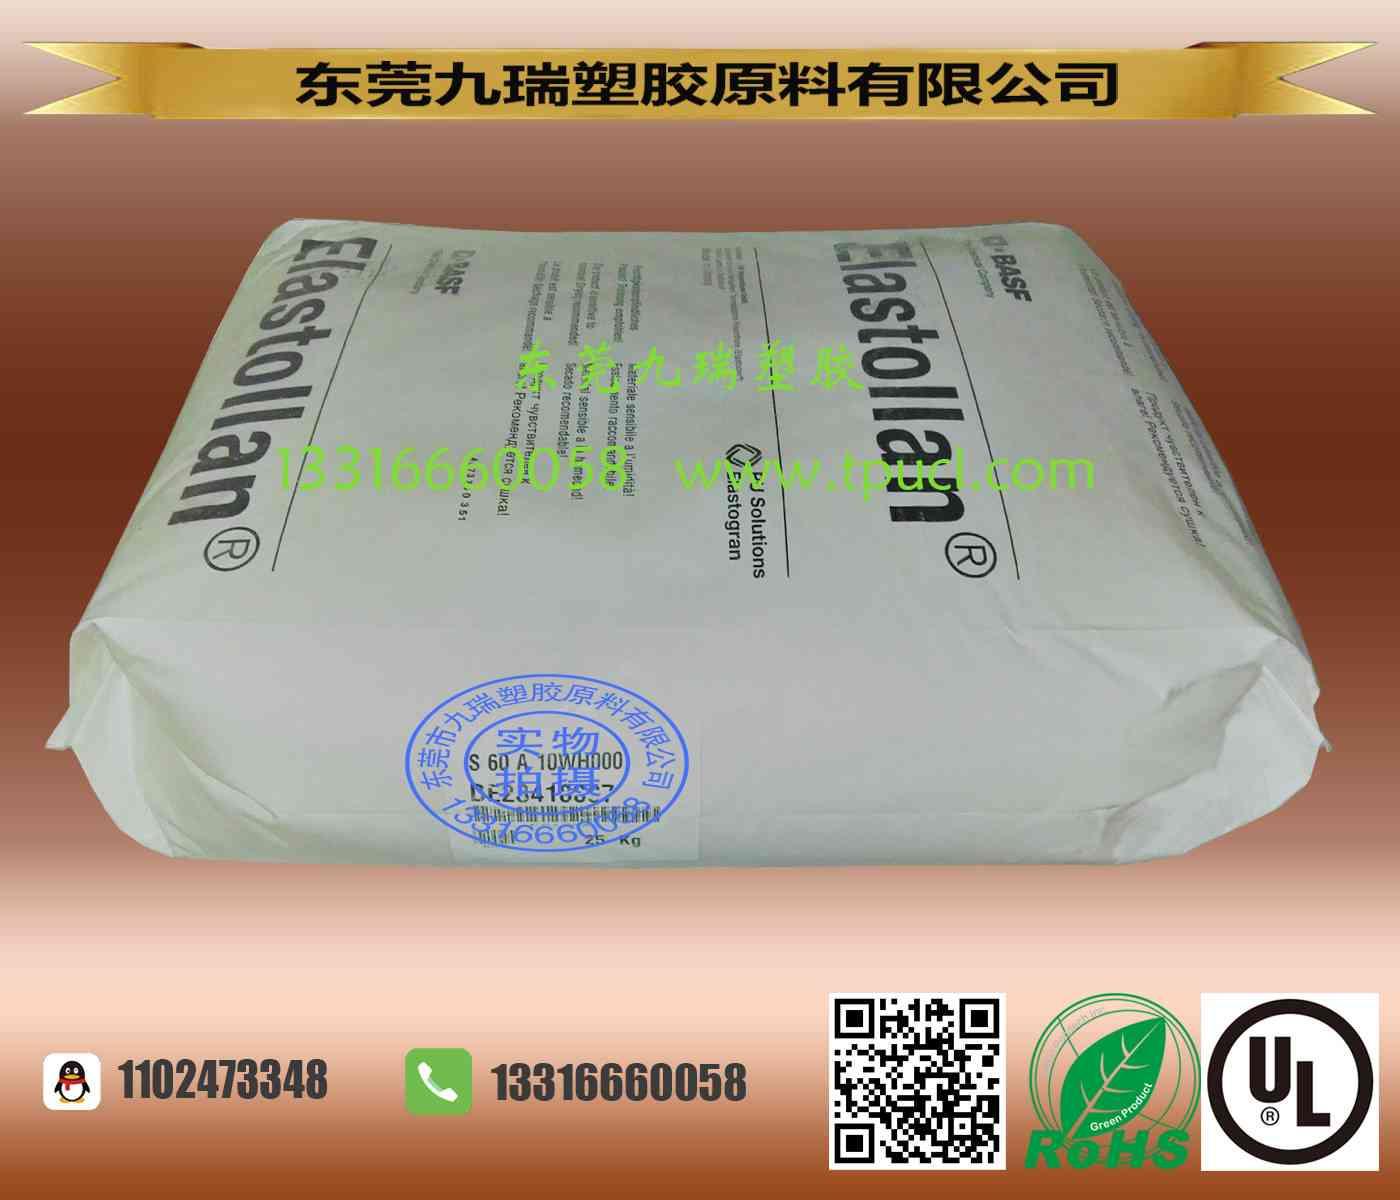 环保增塑密封用TPU S60A10WH000